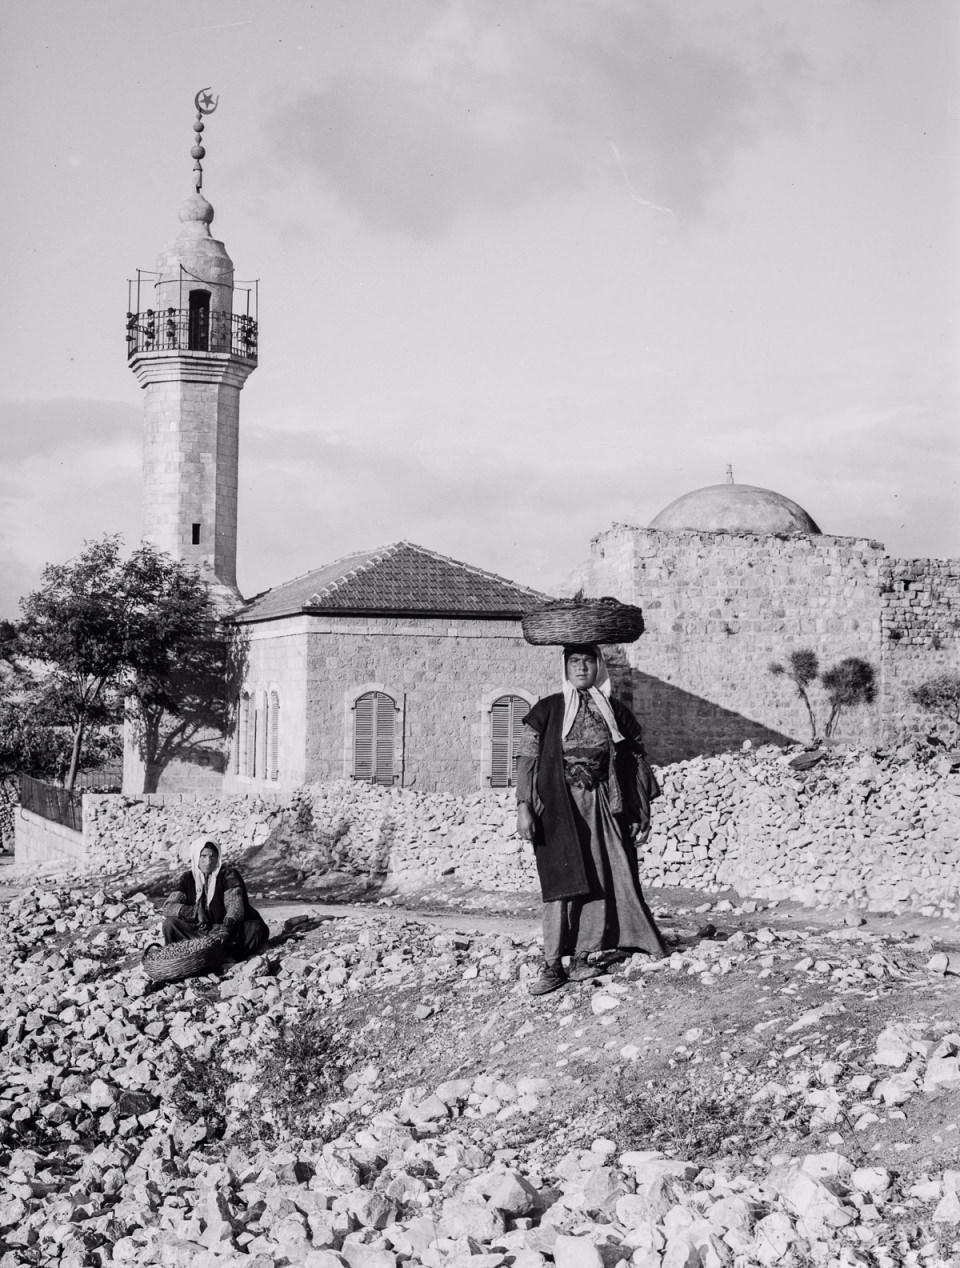 <p>Alex Arbuckle, Kudüs Türk hakimiyetindeki son günlerini gösteren Amerikan Kongre Kütüphanesi'nde bulunan 1900-1918 yılları arasında çekilmiş fotoğrafları derledi. 1517'den itibaren Osmanlı'nın kontrolüne geçen Kudüs'ün tarihi merkezi Müslüman, Hristiyan Yahudi ve Ermeni semtlerine ayrılmıştı.</p>  <p></p>